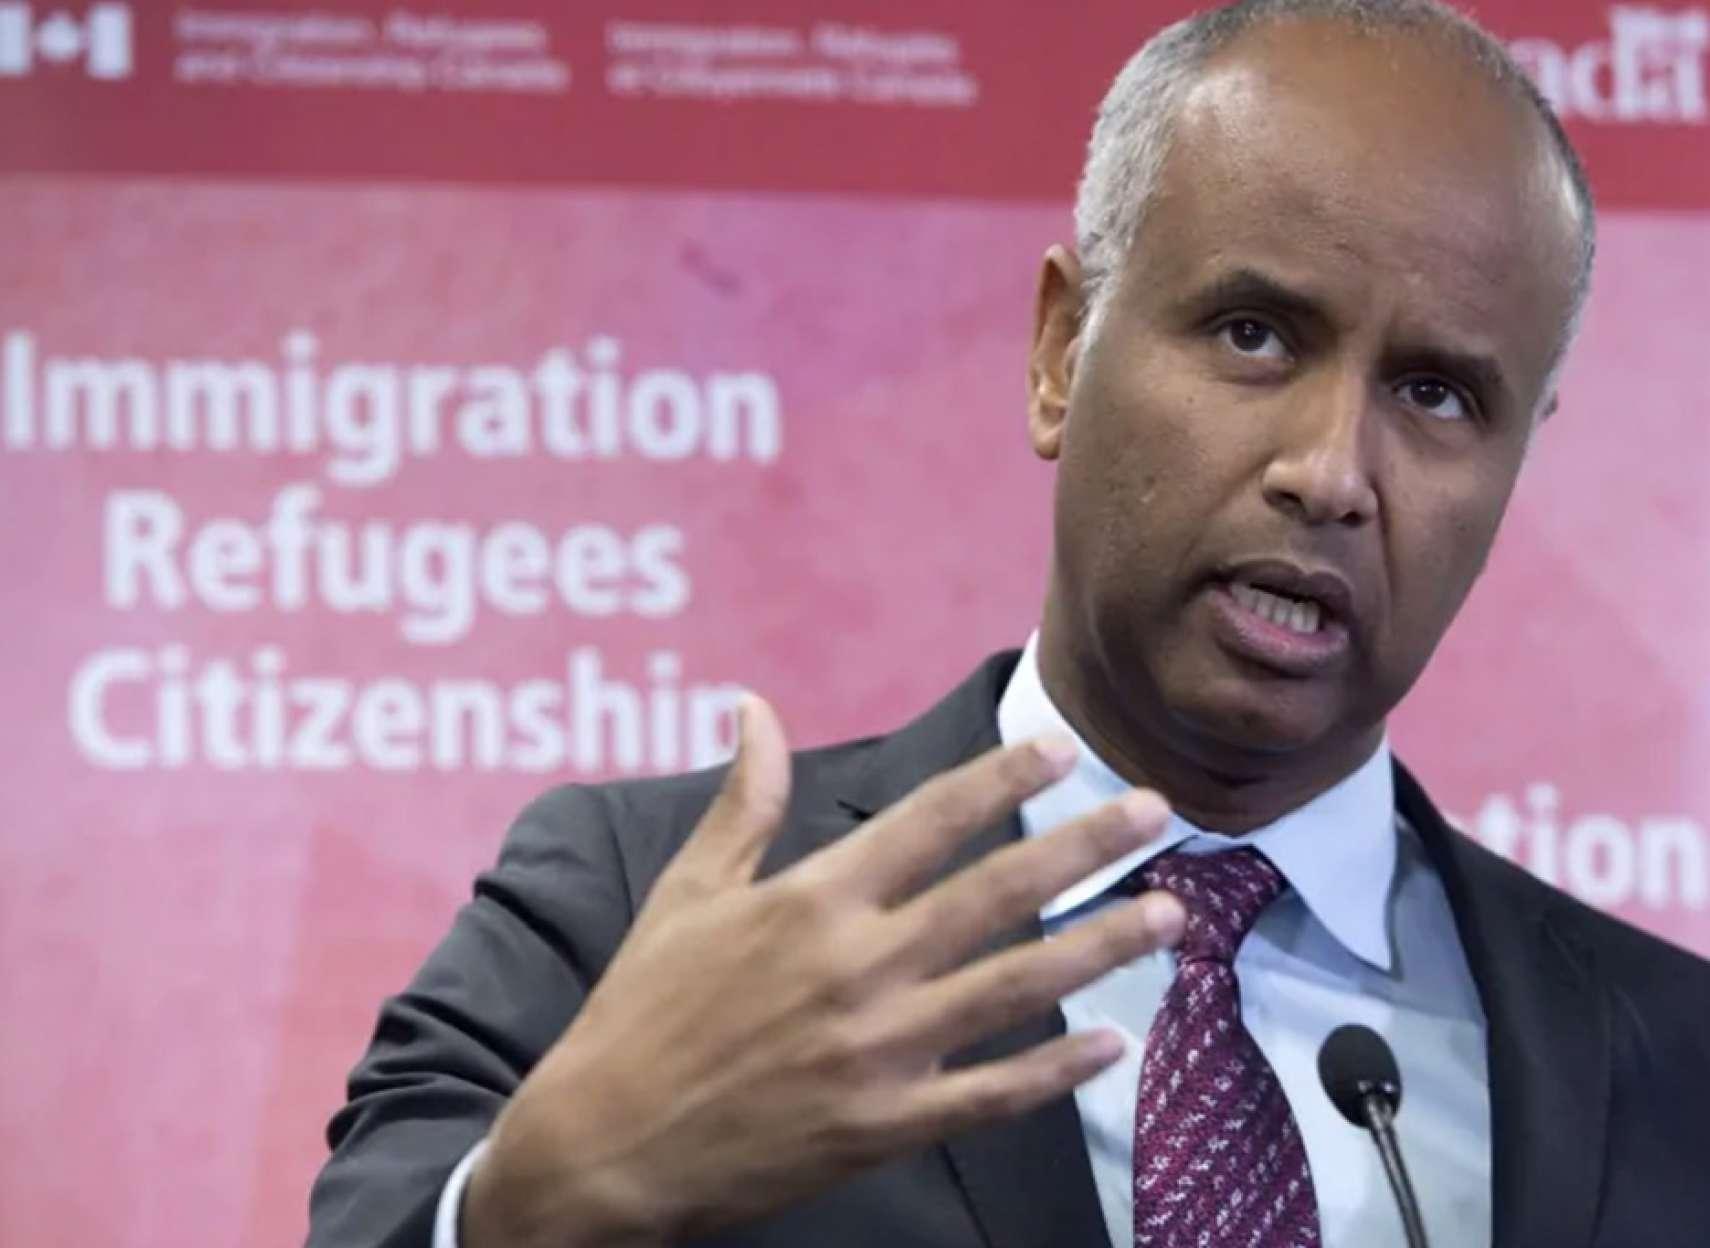 اخبار-کانادا-مهاجرت-نیرویهای-متخصص-را-افزایش-میدهد